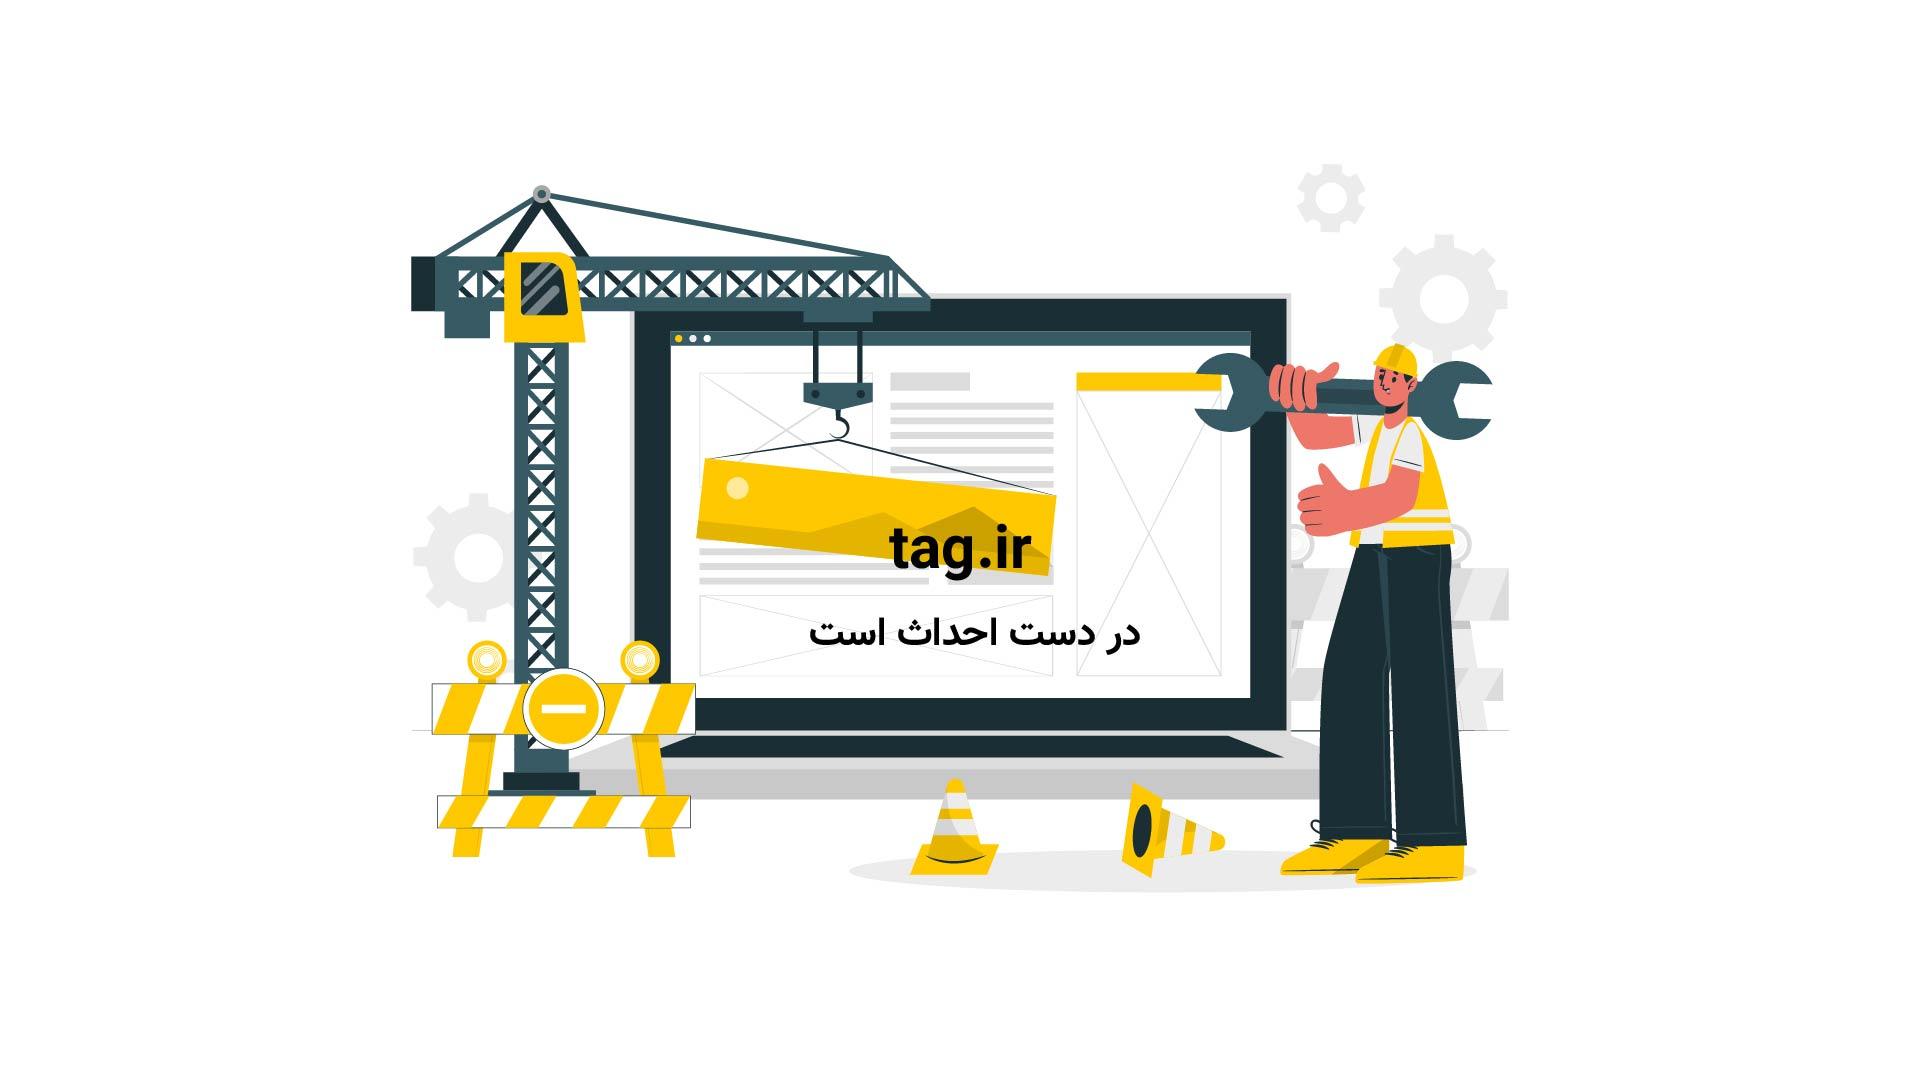 شکستن شیشه ماشین با شمع خودرو | فیلم